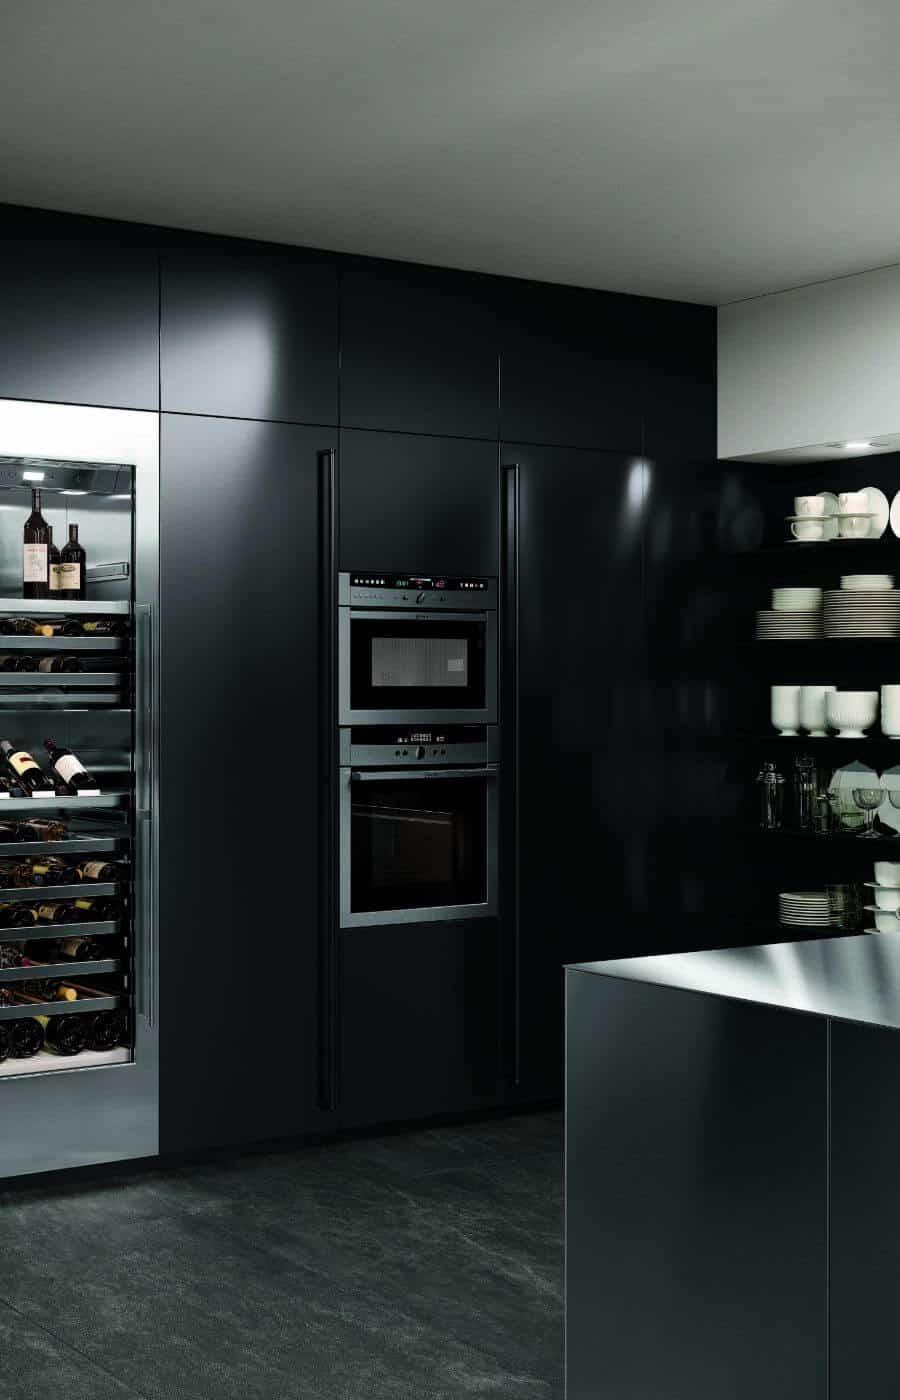 cucina-colonne-cantinetta-vini-collezione-stoccolma-il-mobile